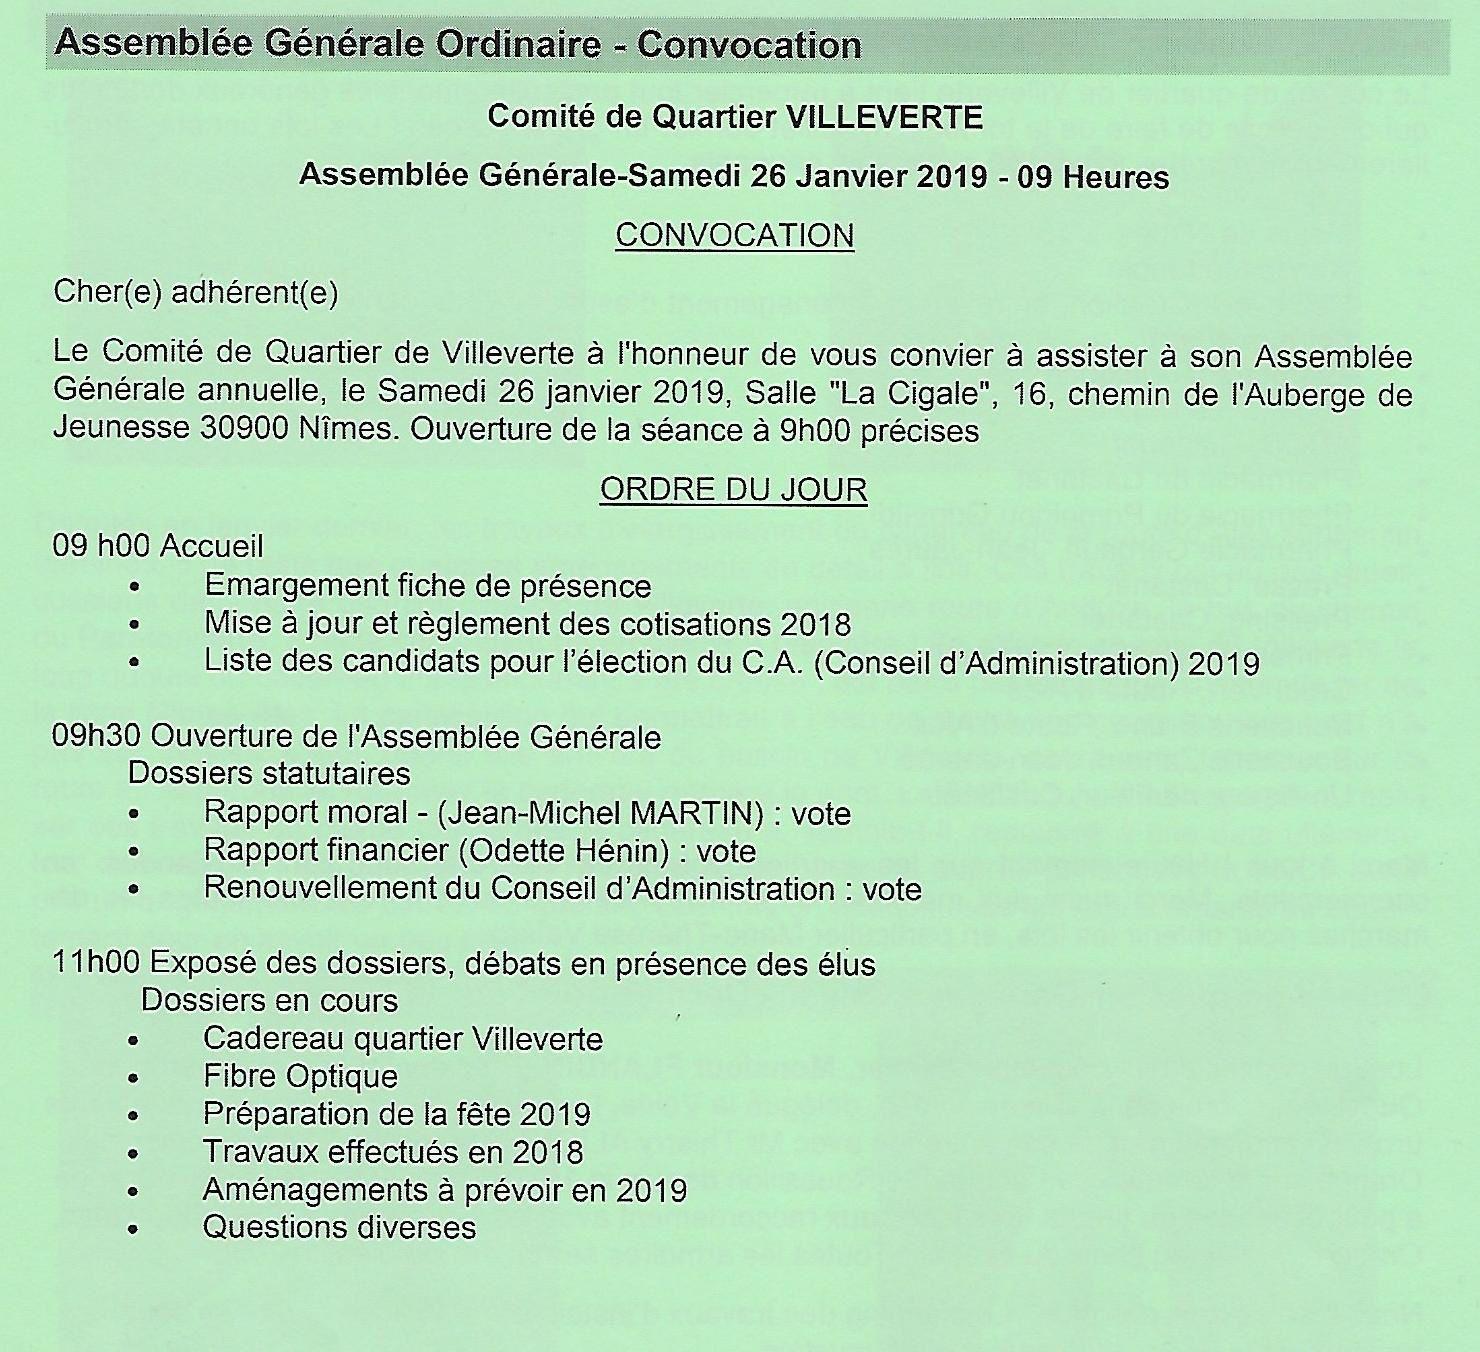 Convocation Assemblée Générale du Comité de Quartier de Villeverte à Nîmes